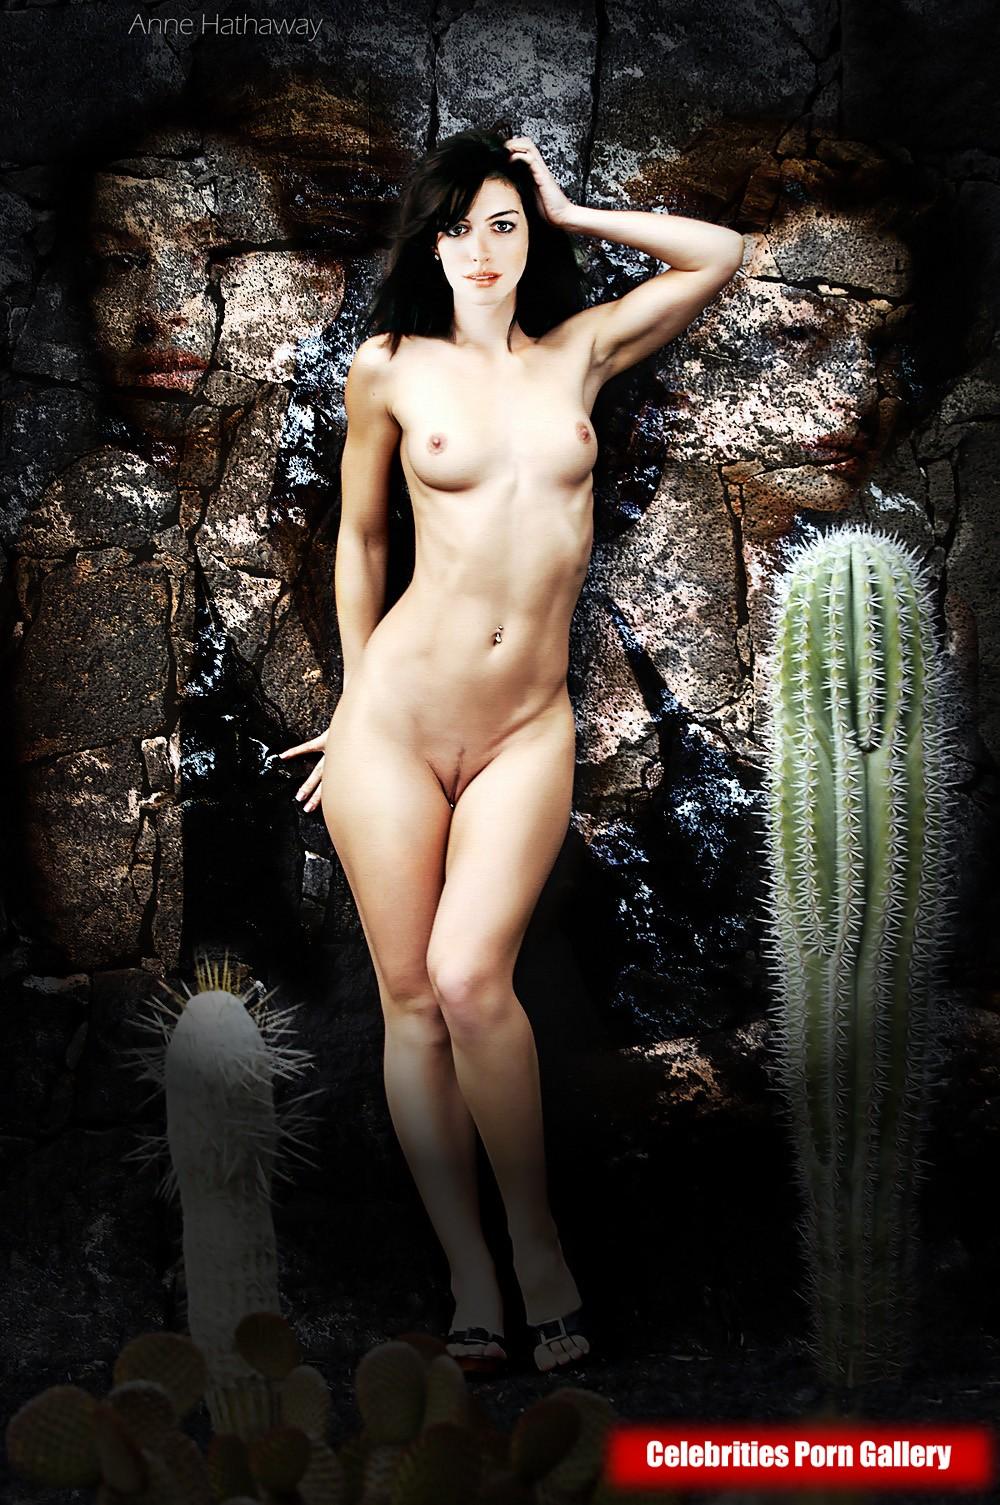 nude hathaway